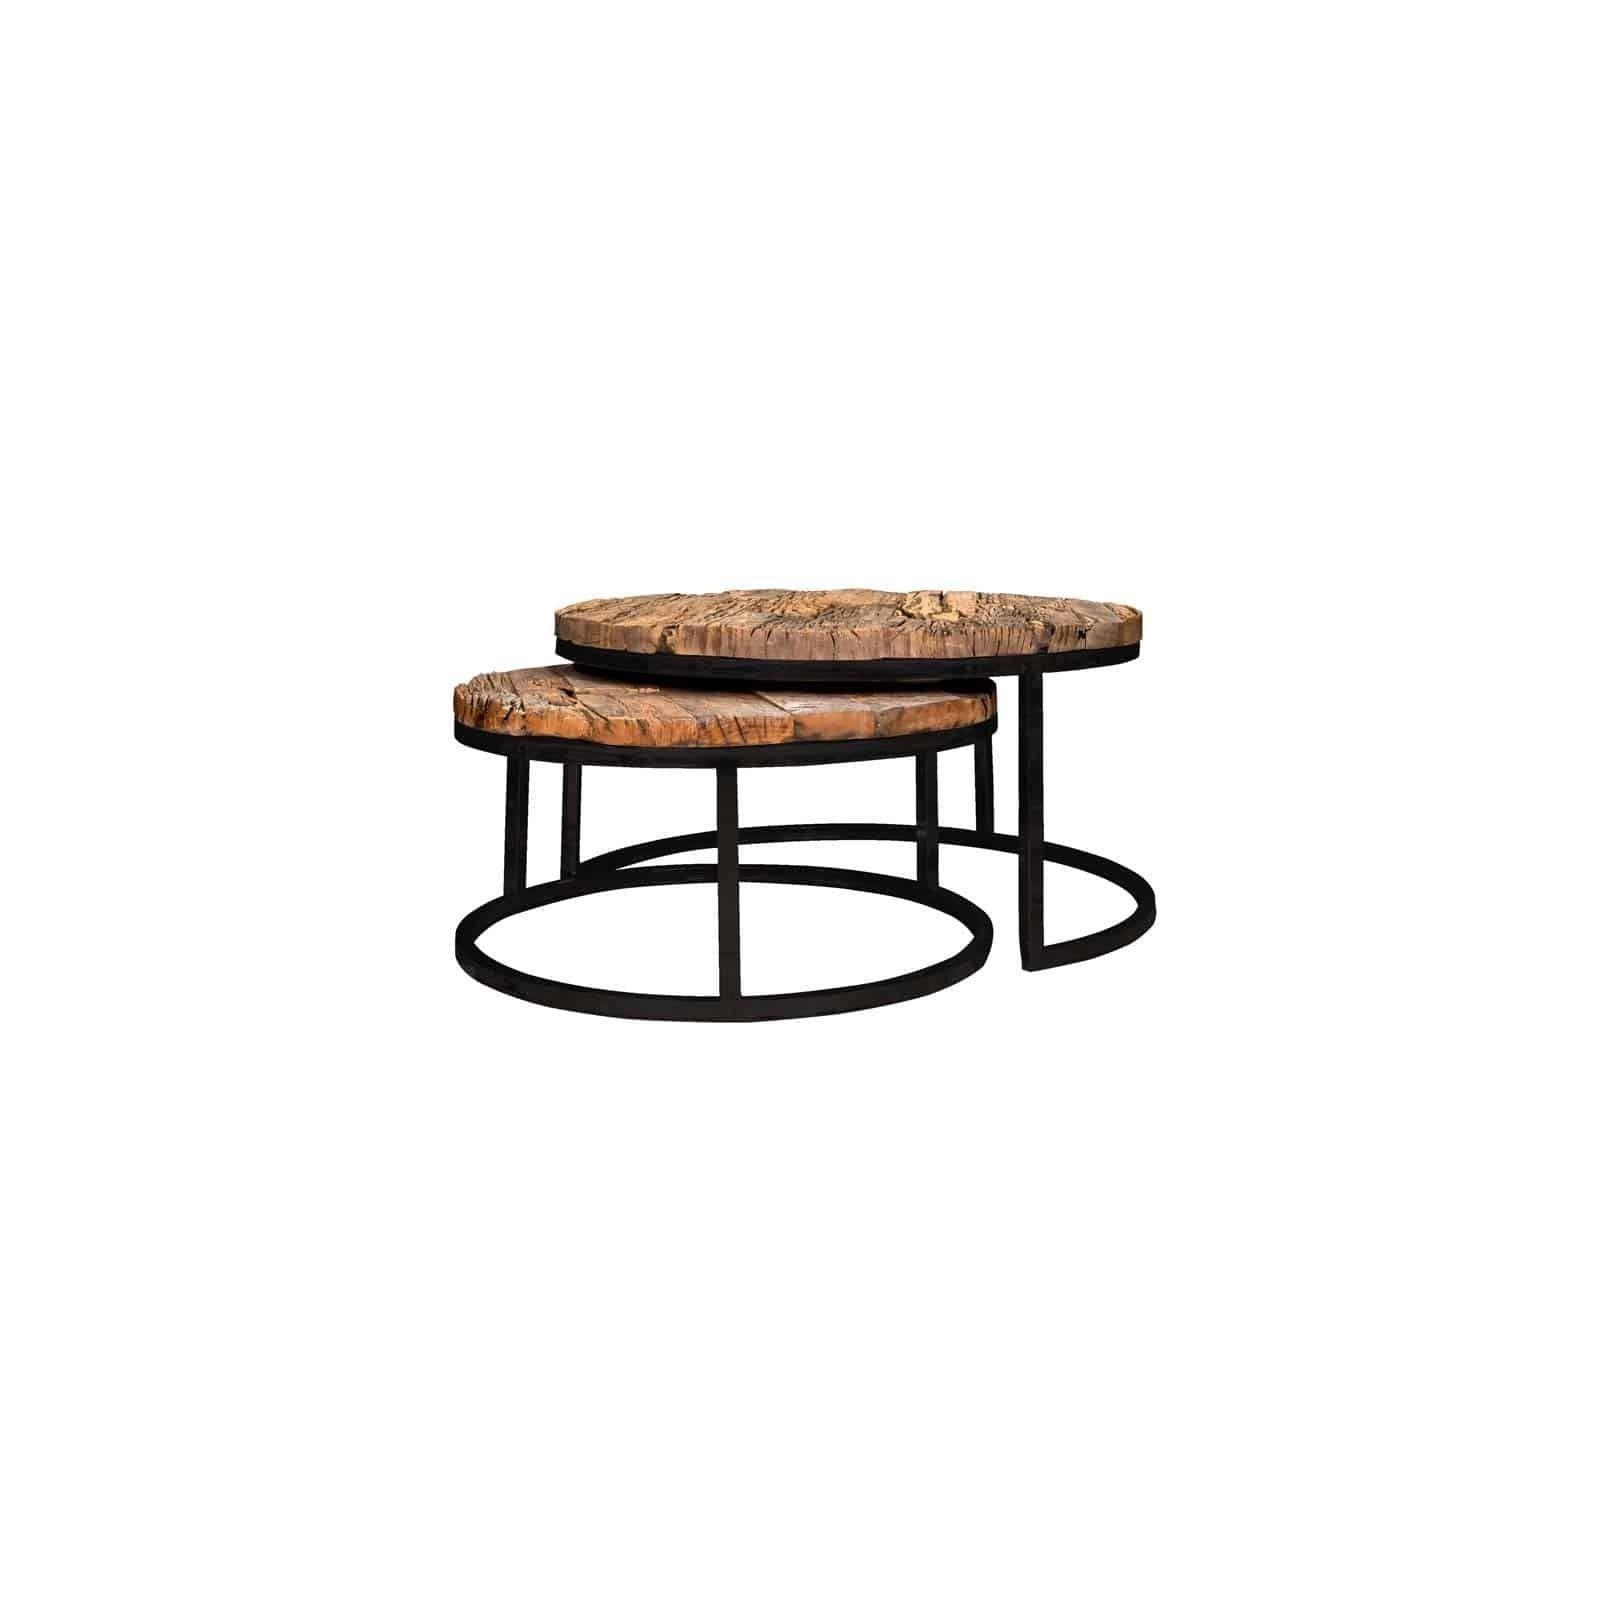 Table de salon Industrial Kensington set de 2 rond Tables basses rondes - 1